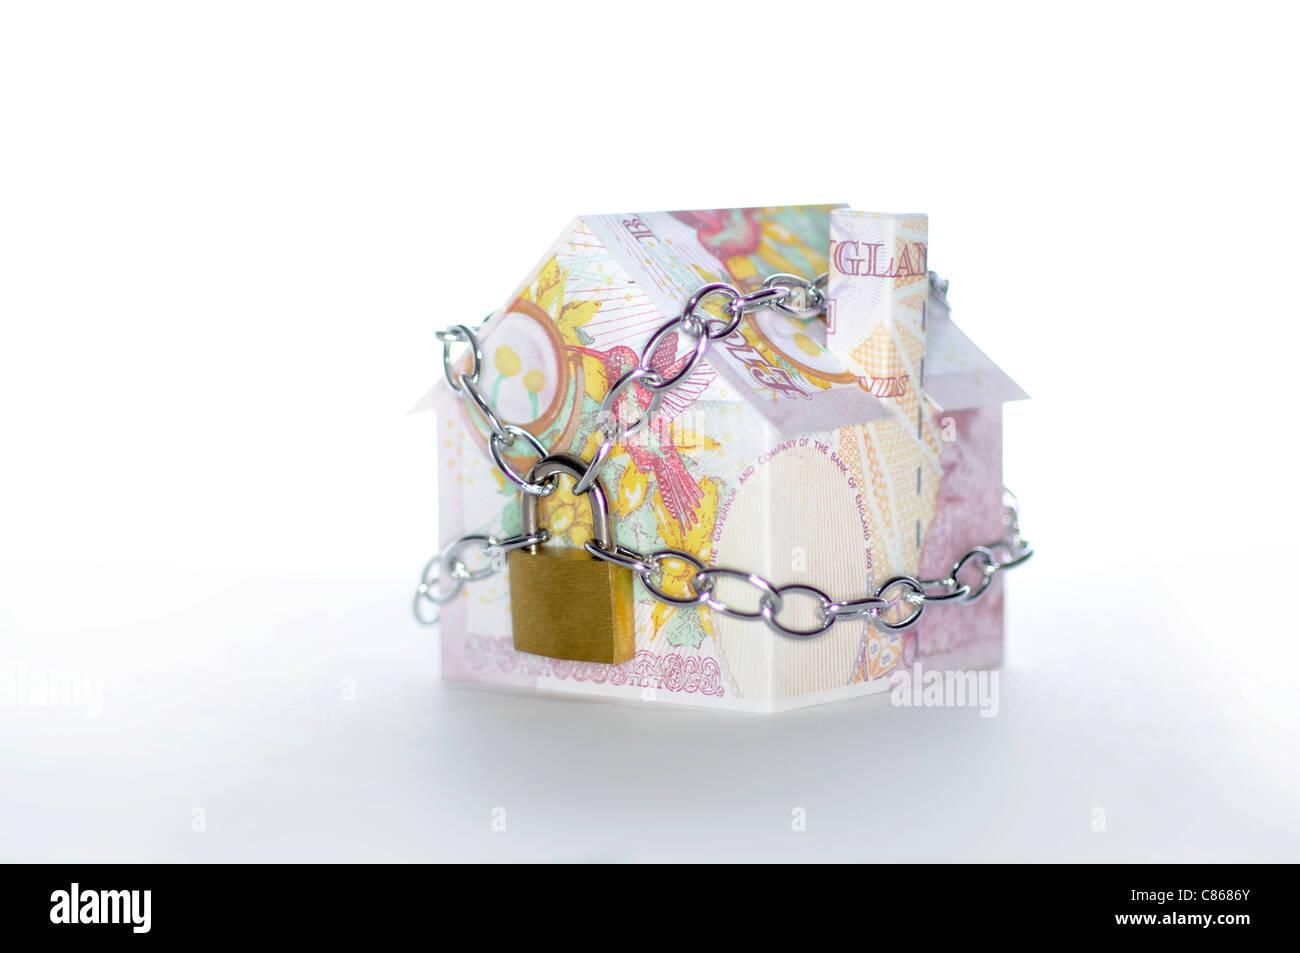 Casa modelo plegadas con British Pound billetes encadenados y atrancado Imagen De Stock